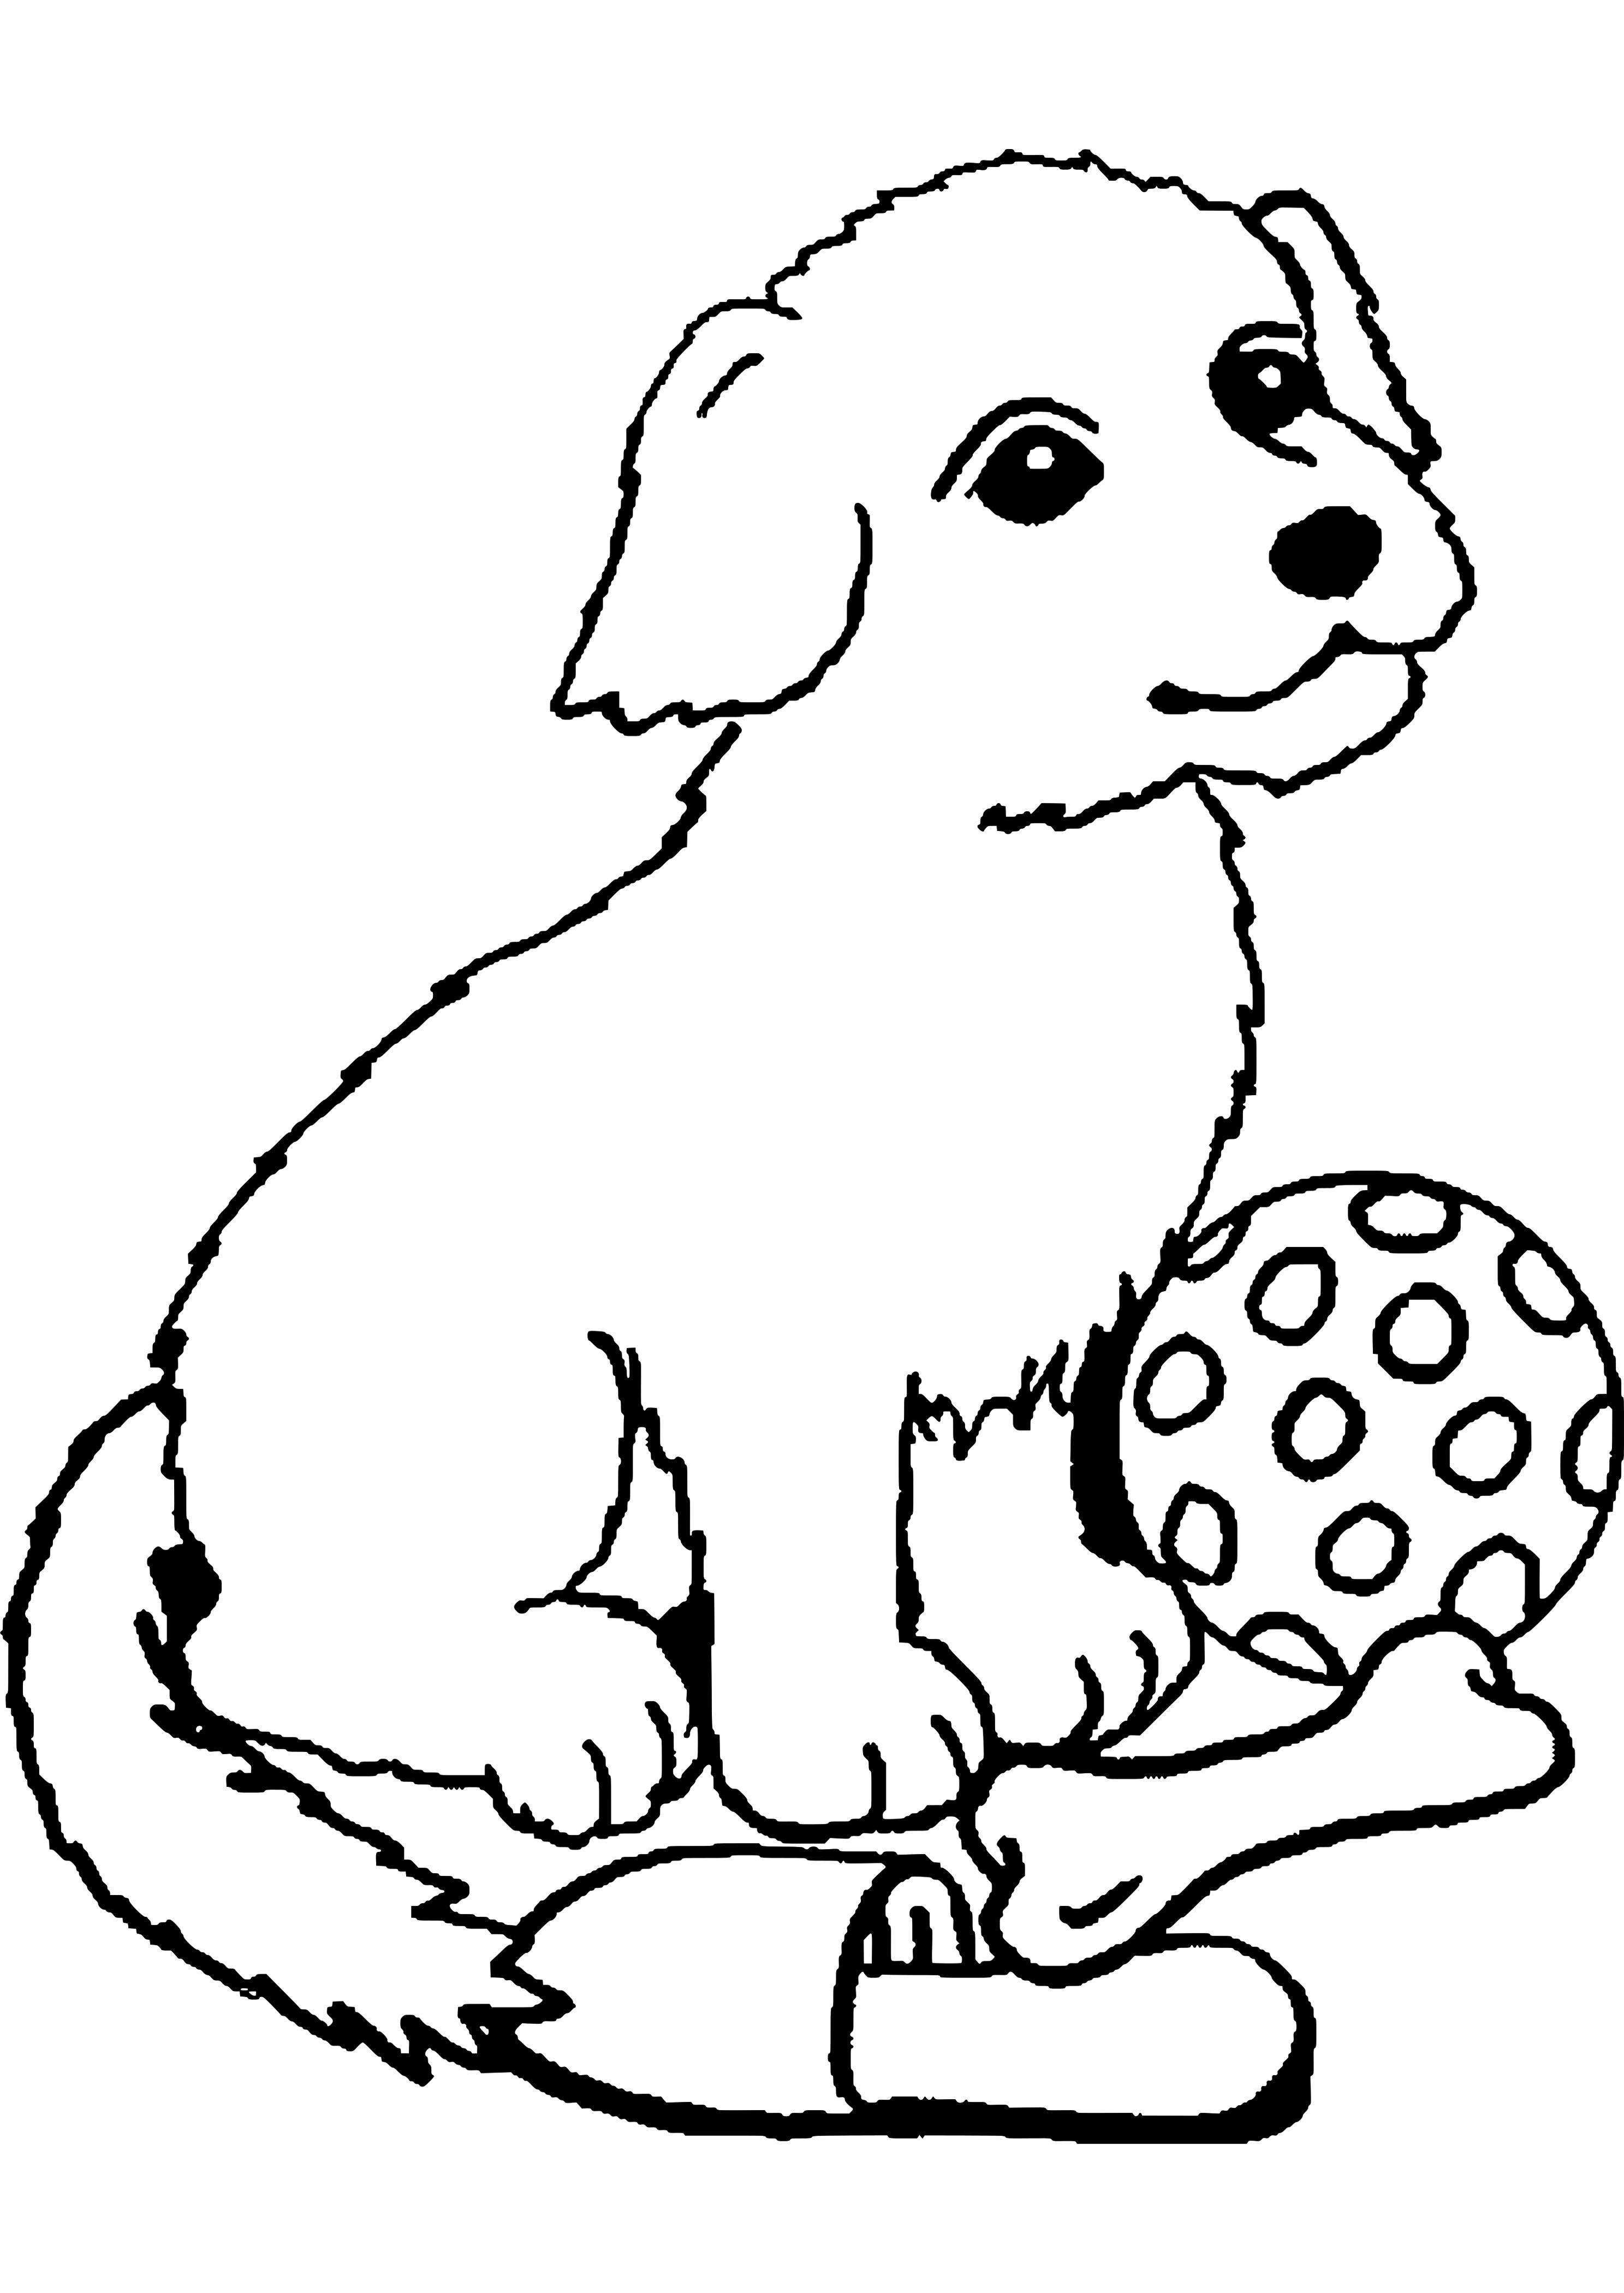 Frisch Malvorlagen Hund Malvorlagen Malvorlagenfurkinder Malvorlagenfurerwachsene Ausmalbilder Hunde Ausmalbilder Ausmalbilder Tiere